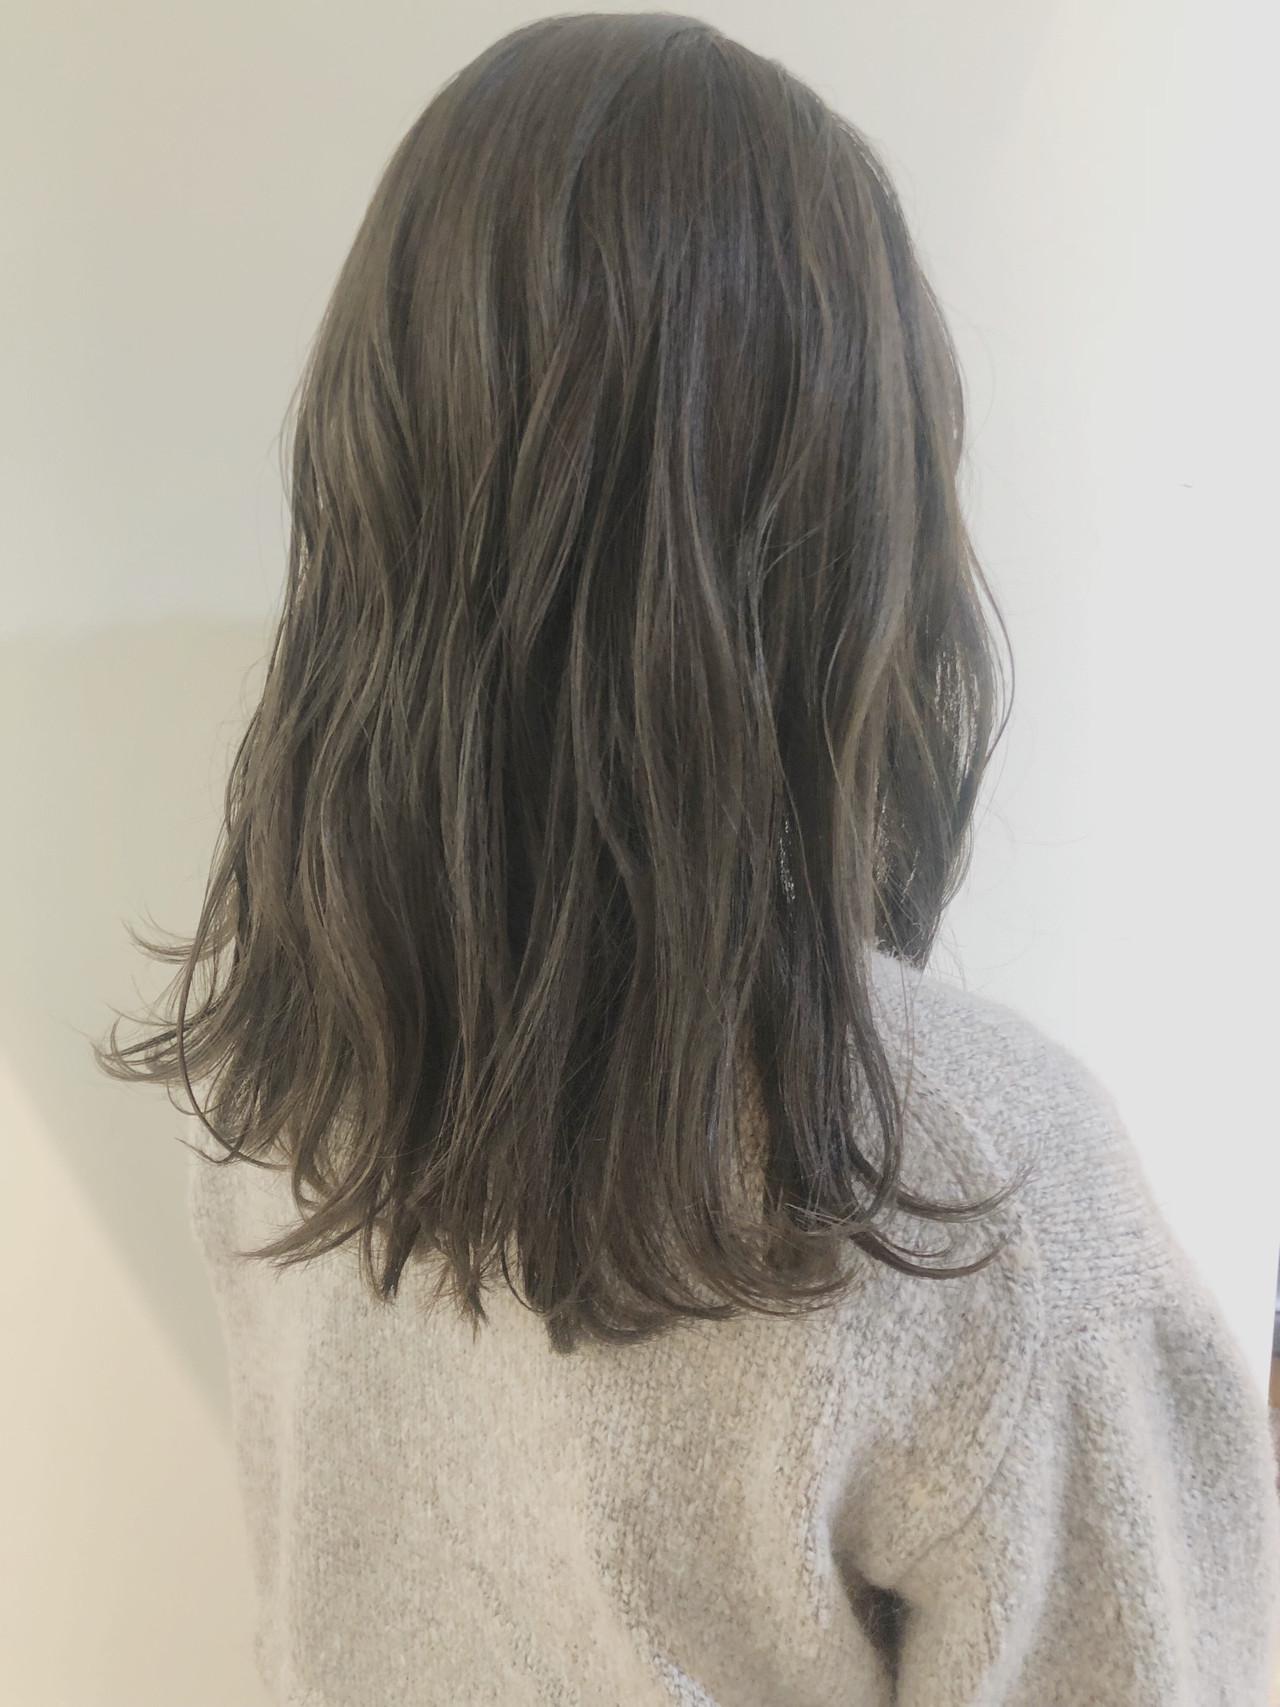 ヘアアレンジ セミロング 大人かわいい アンニュイほつれヘア ヘアスタイルや髪型の写真・画像 | 中島 潮里 / whyte / whyte